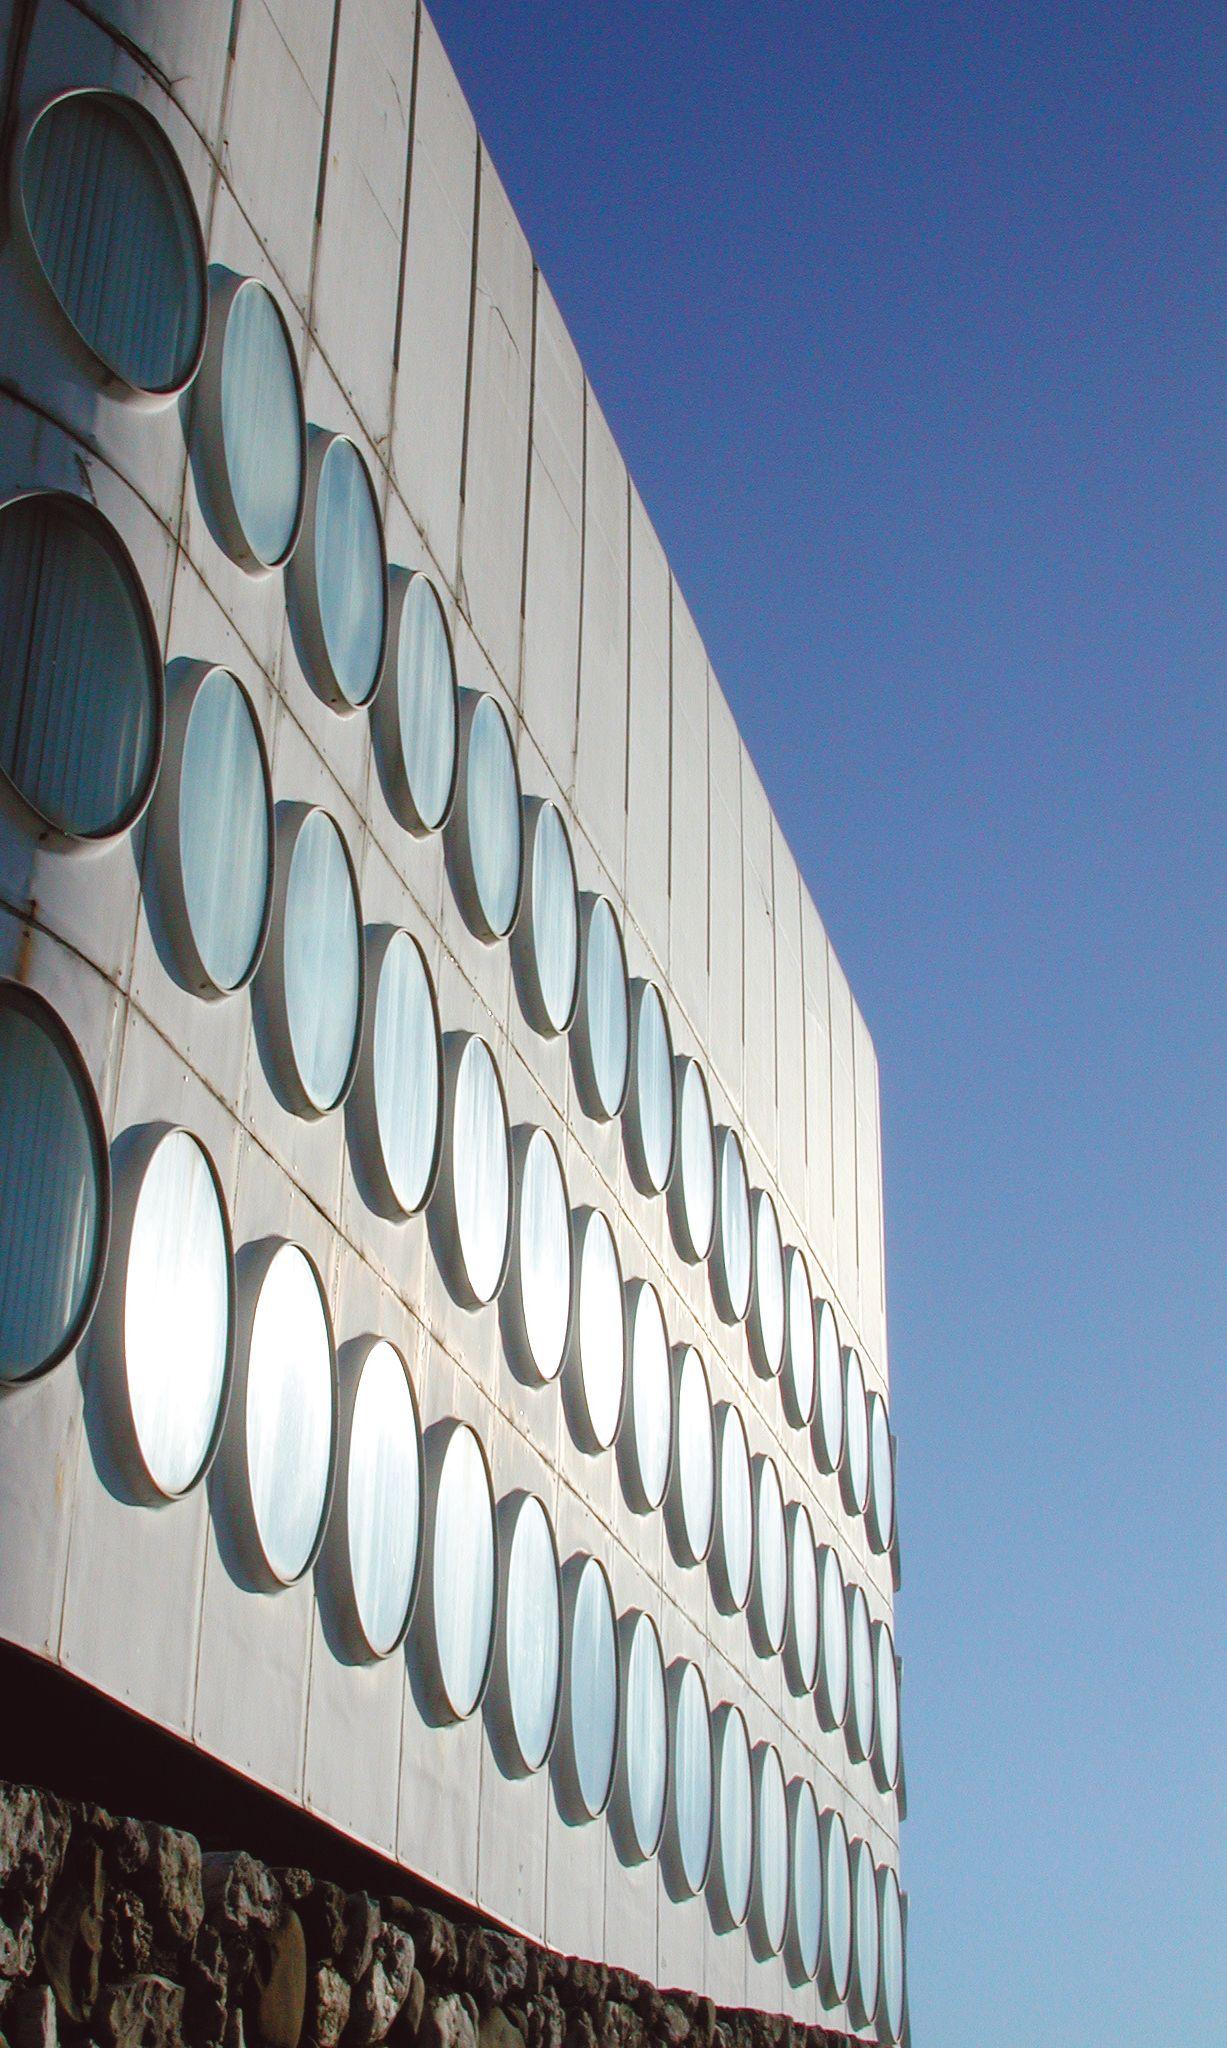 Snaidero headquarter in majano friuli venezia giulia world architecture famous architects - Mobili snaidero majano ...